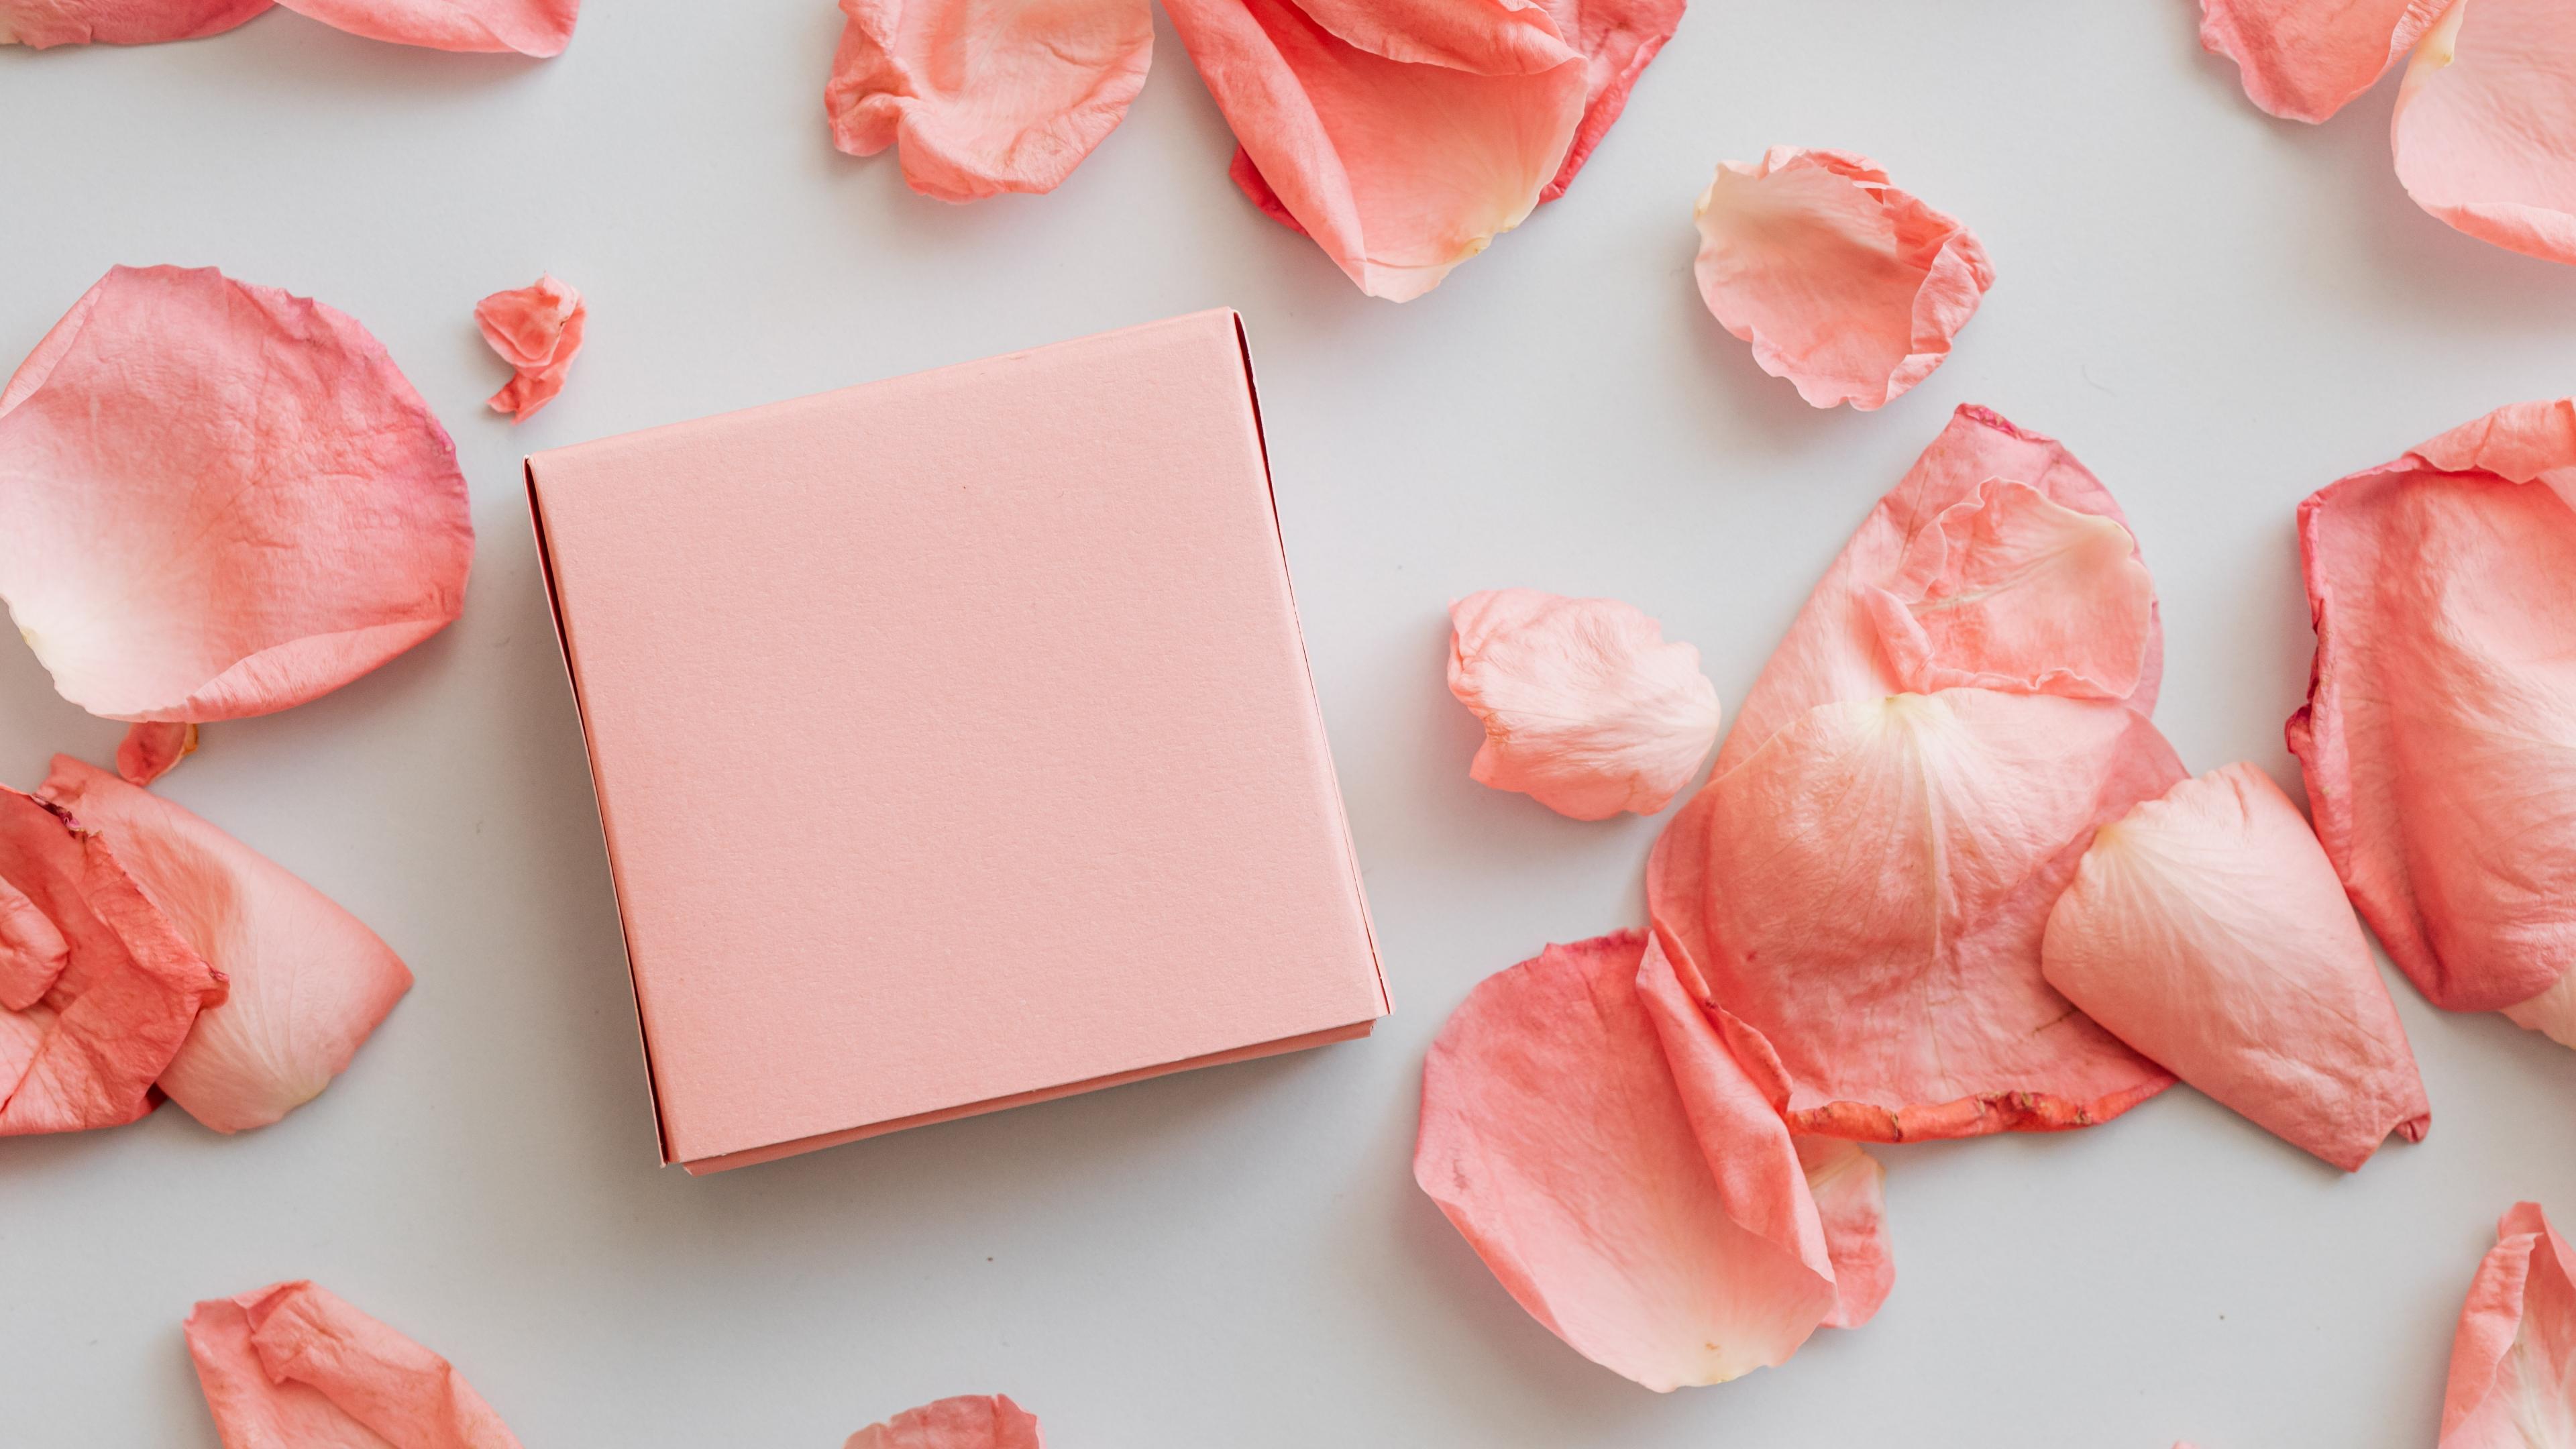 爱情美图,爱情,,恋爱,,玫瑰,,粉色,,浪漫